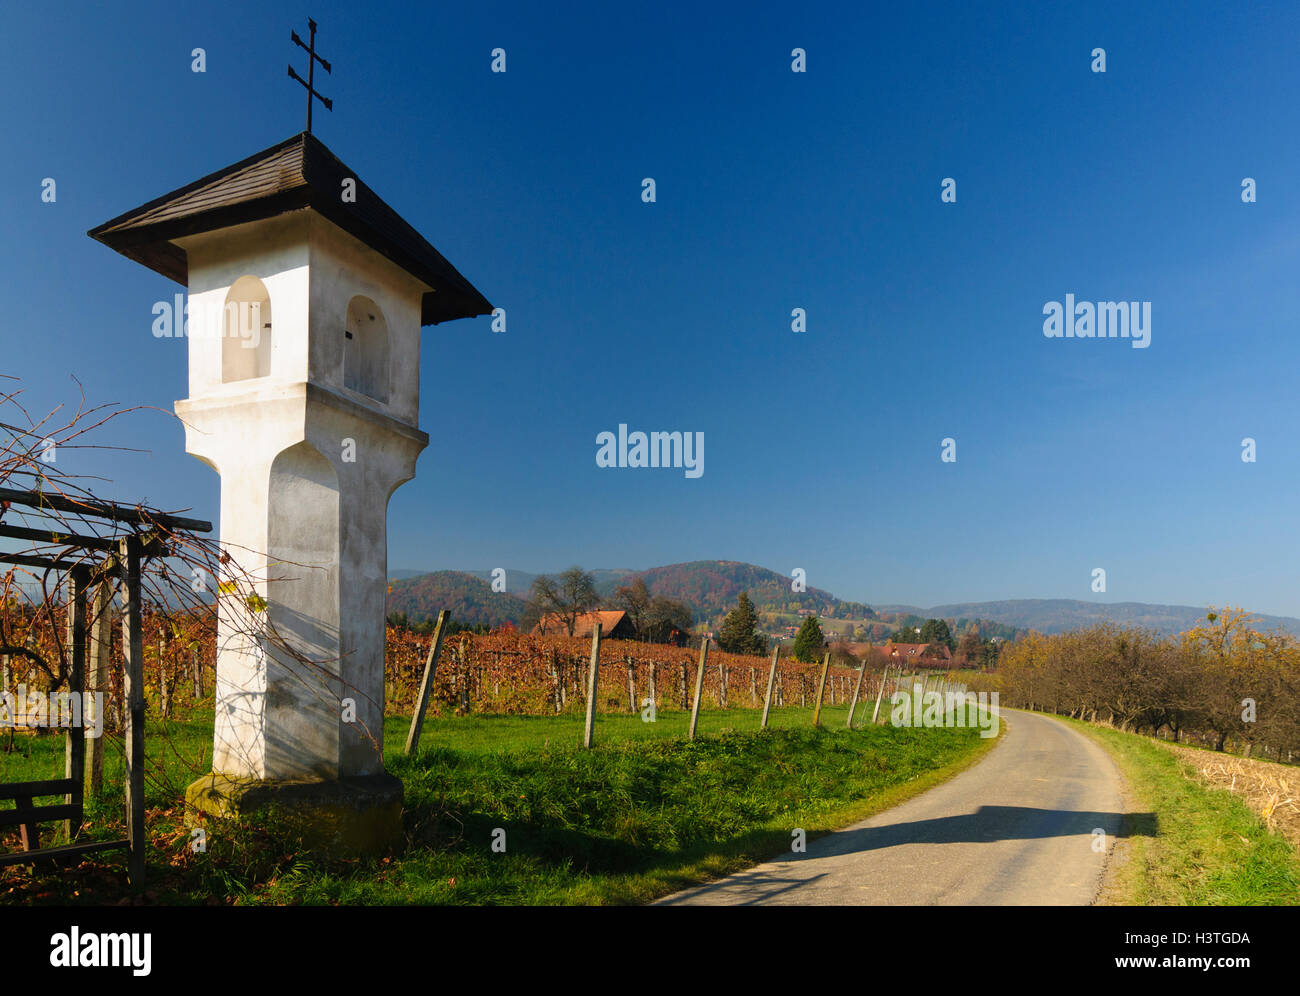 Bad Gams (Schilcher): Bildstock und Weinberge in Bergegg, Südwest-Steiermark, Steiermark, Steiermark, Österreich Stockbild